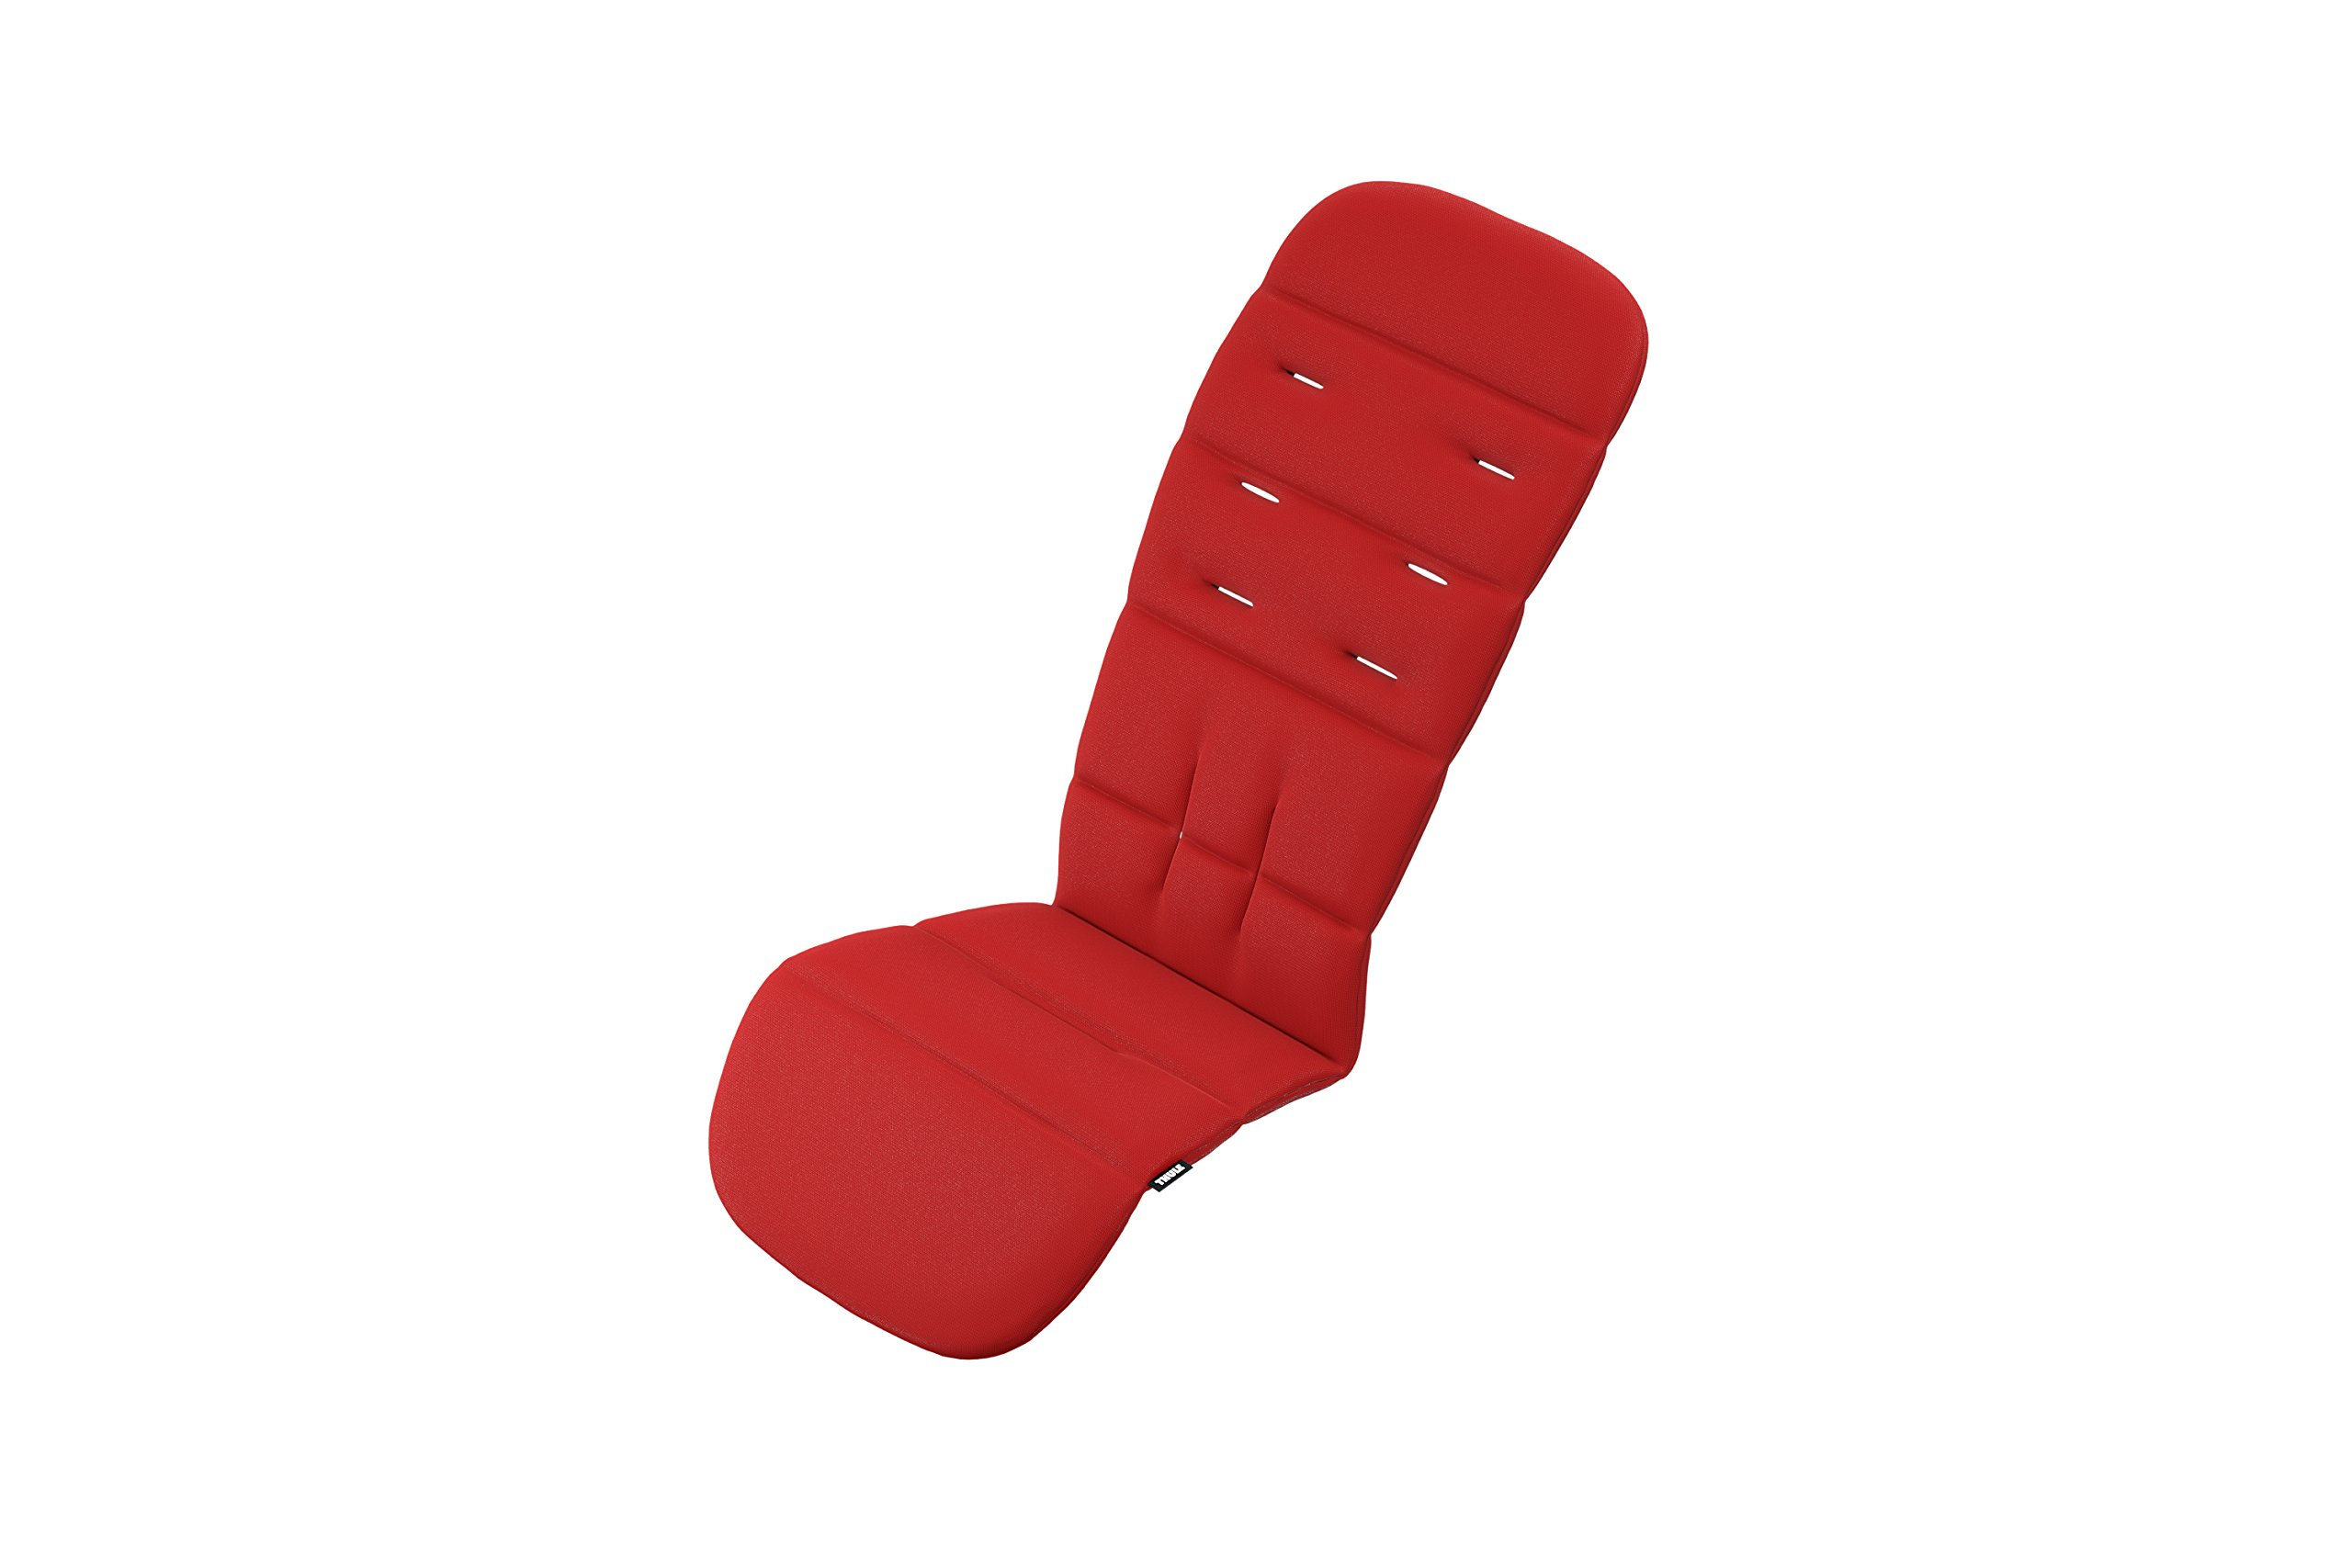 Thule Sleek Seat Liner (11000319)